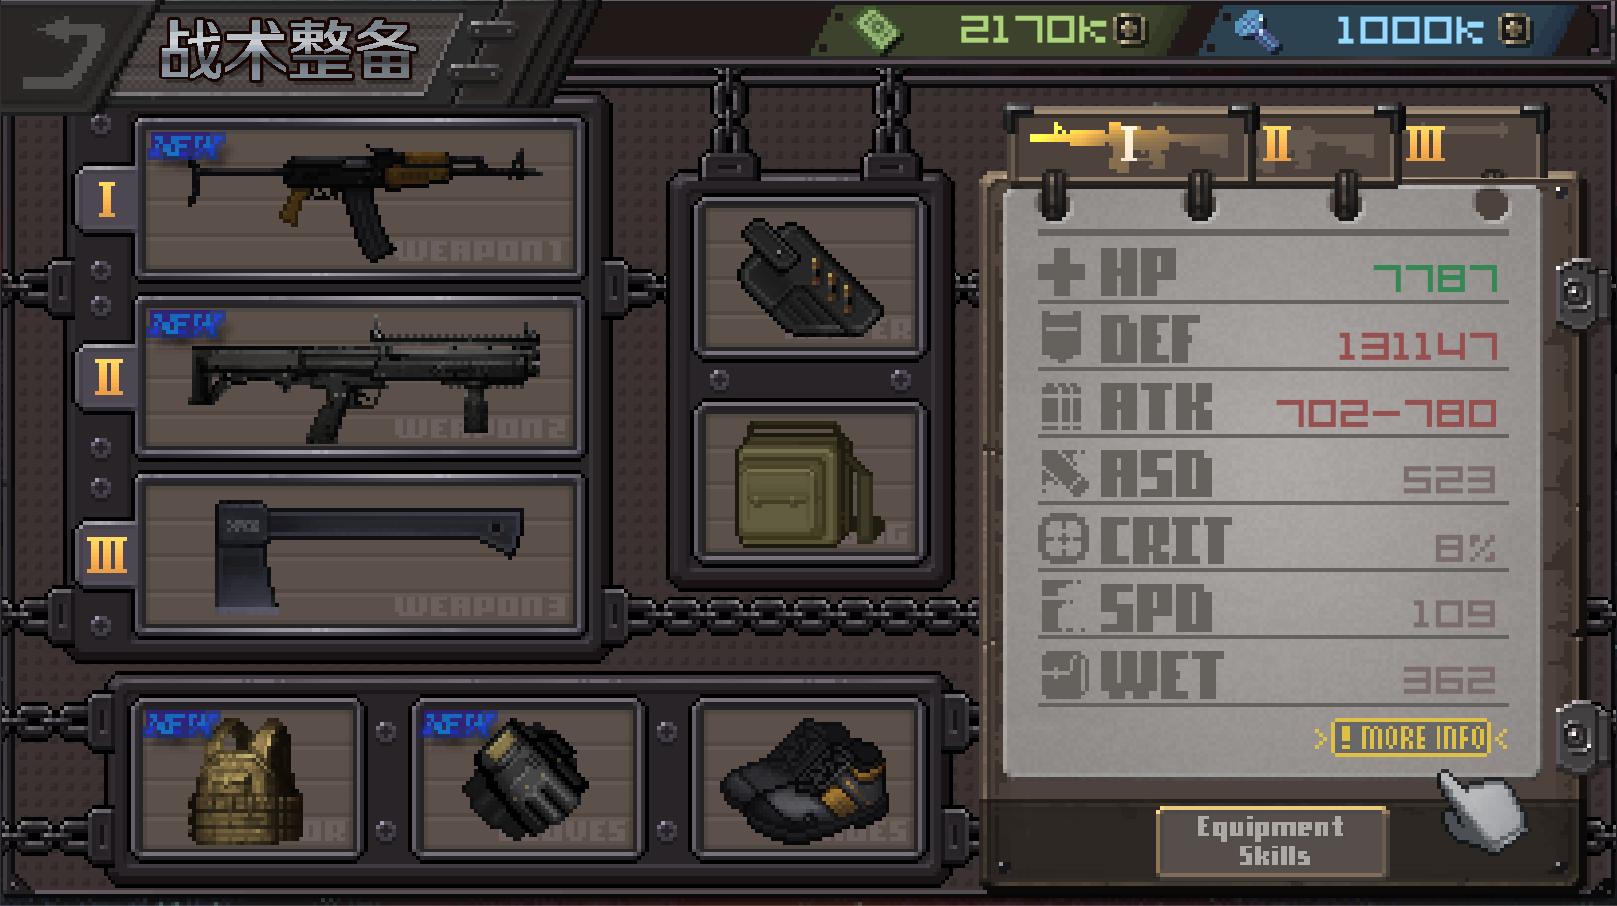 BigDay_ss_0012_Equipment